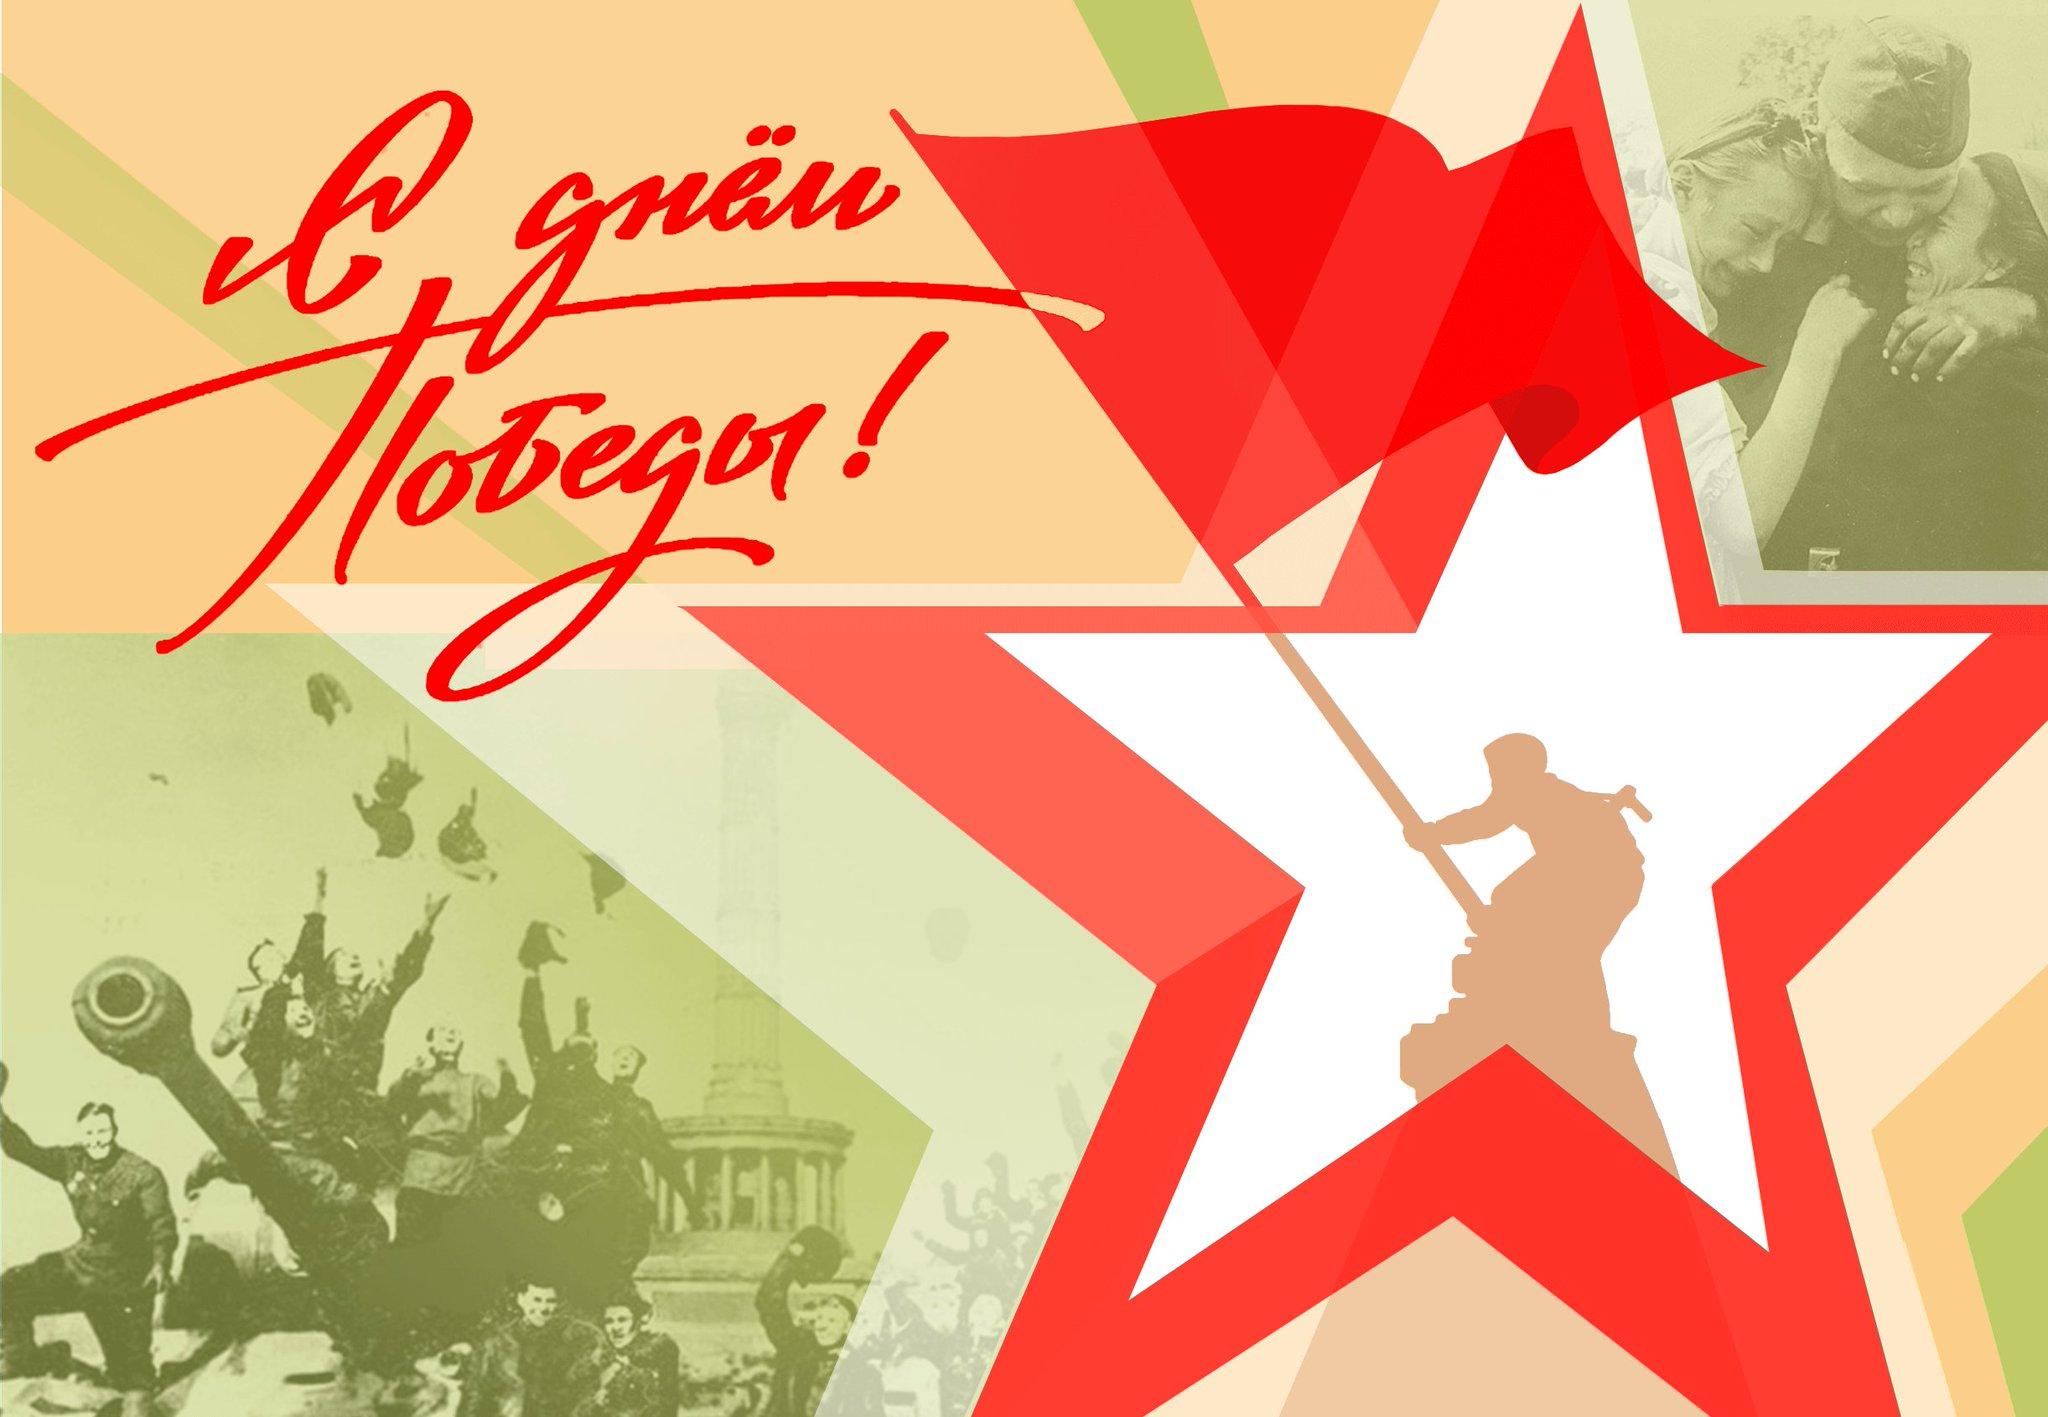 Белорусские открытки с днем победы, открытки скопировать анимационные